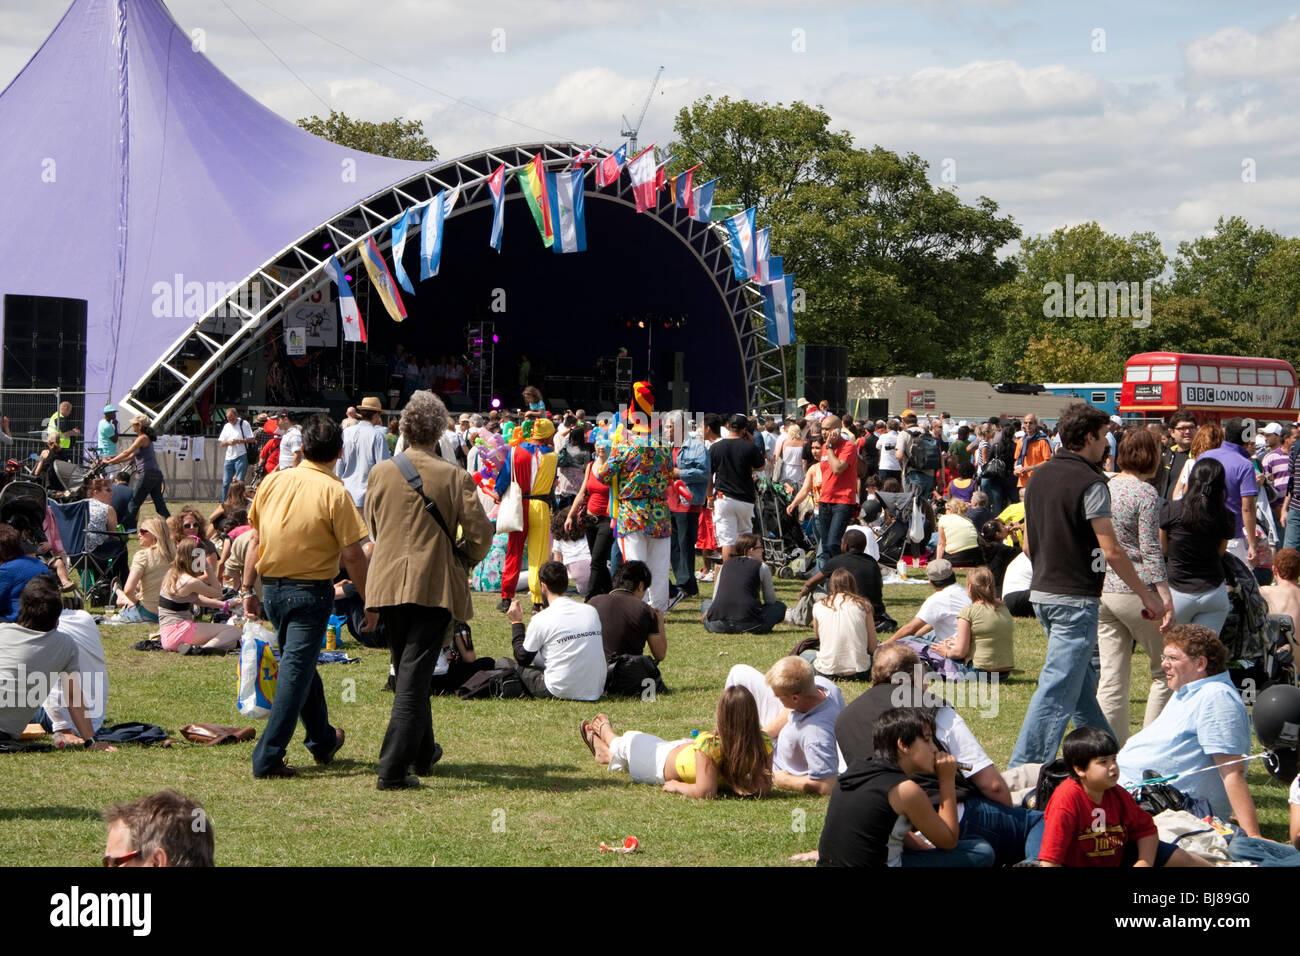 Carnaval Del Pueblo, London, England, UK - Stock Image